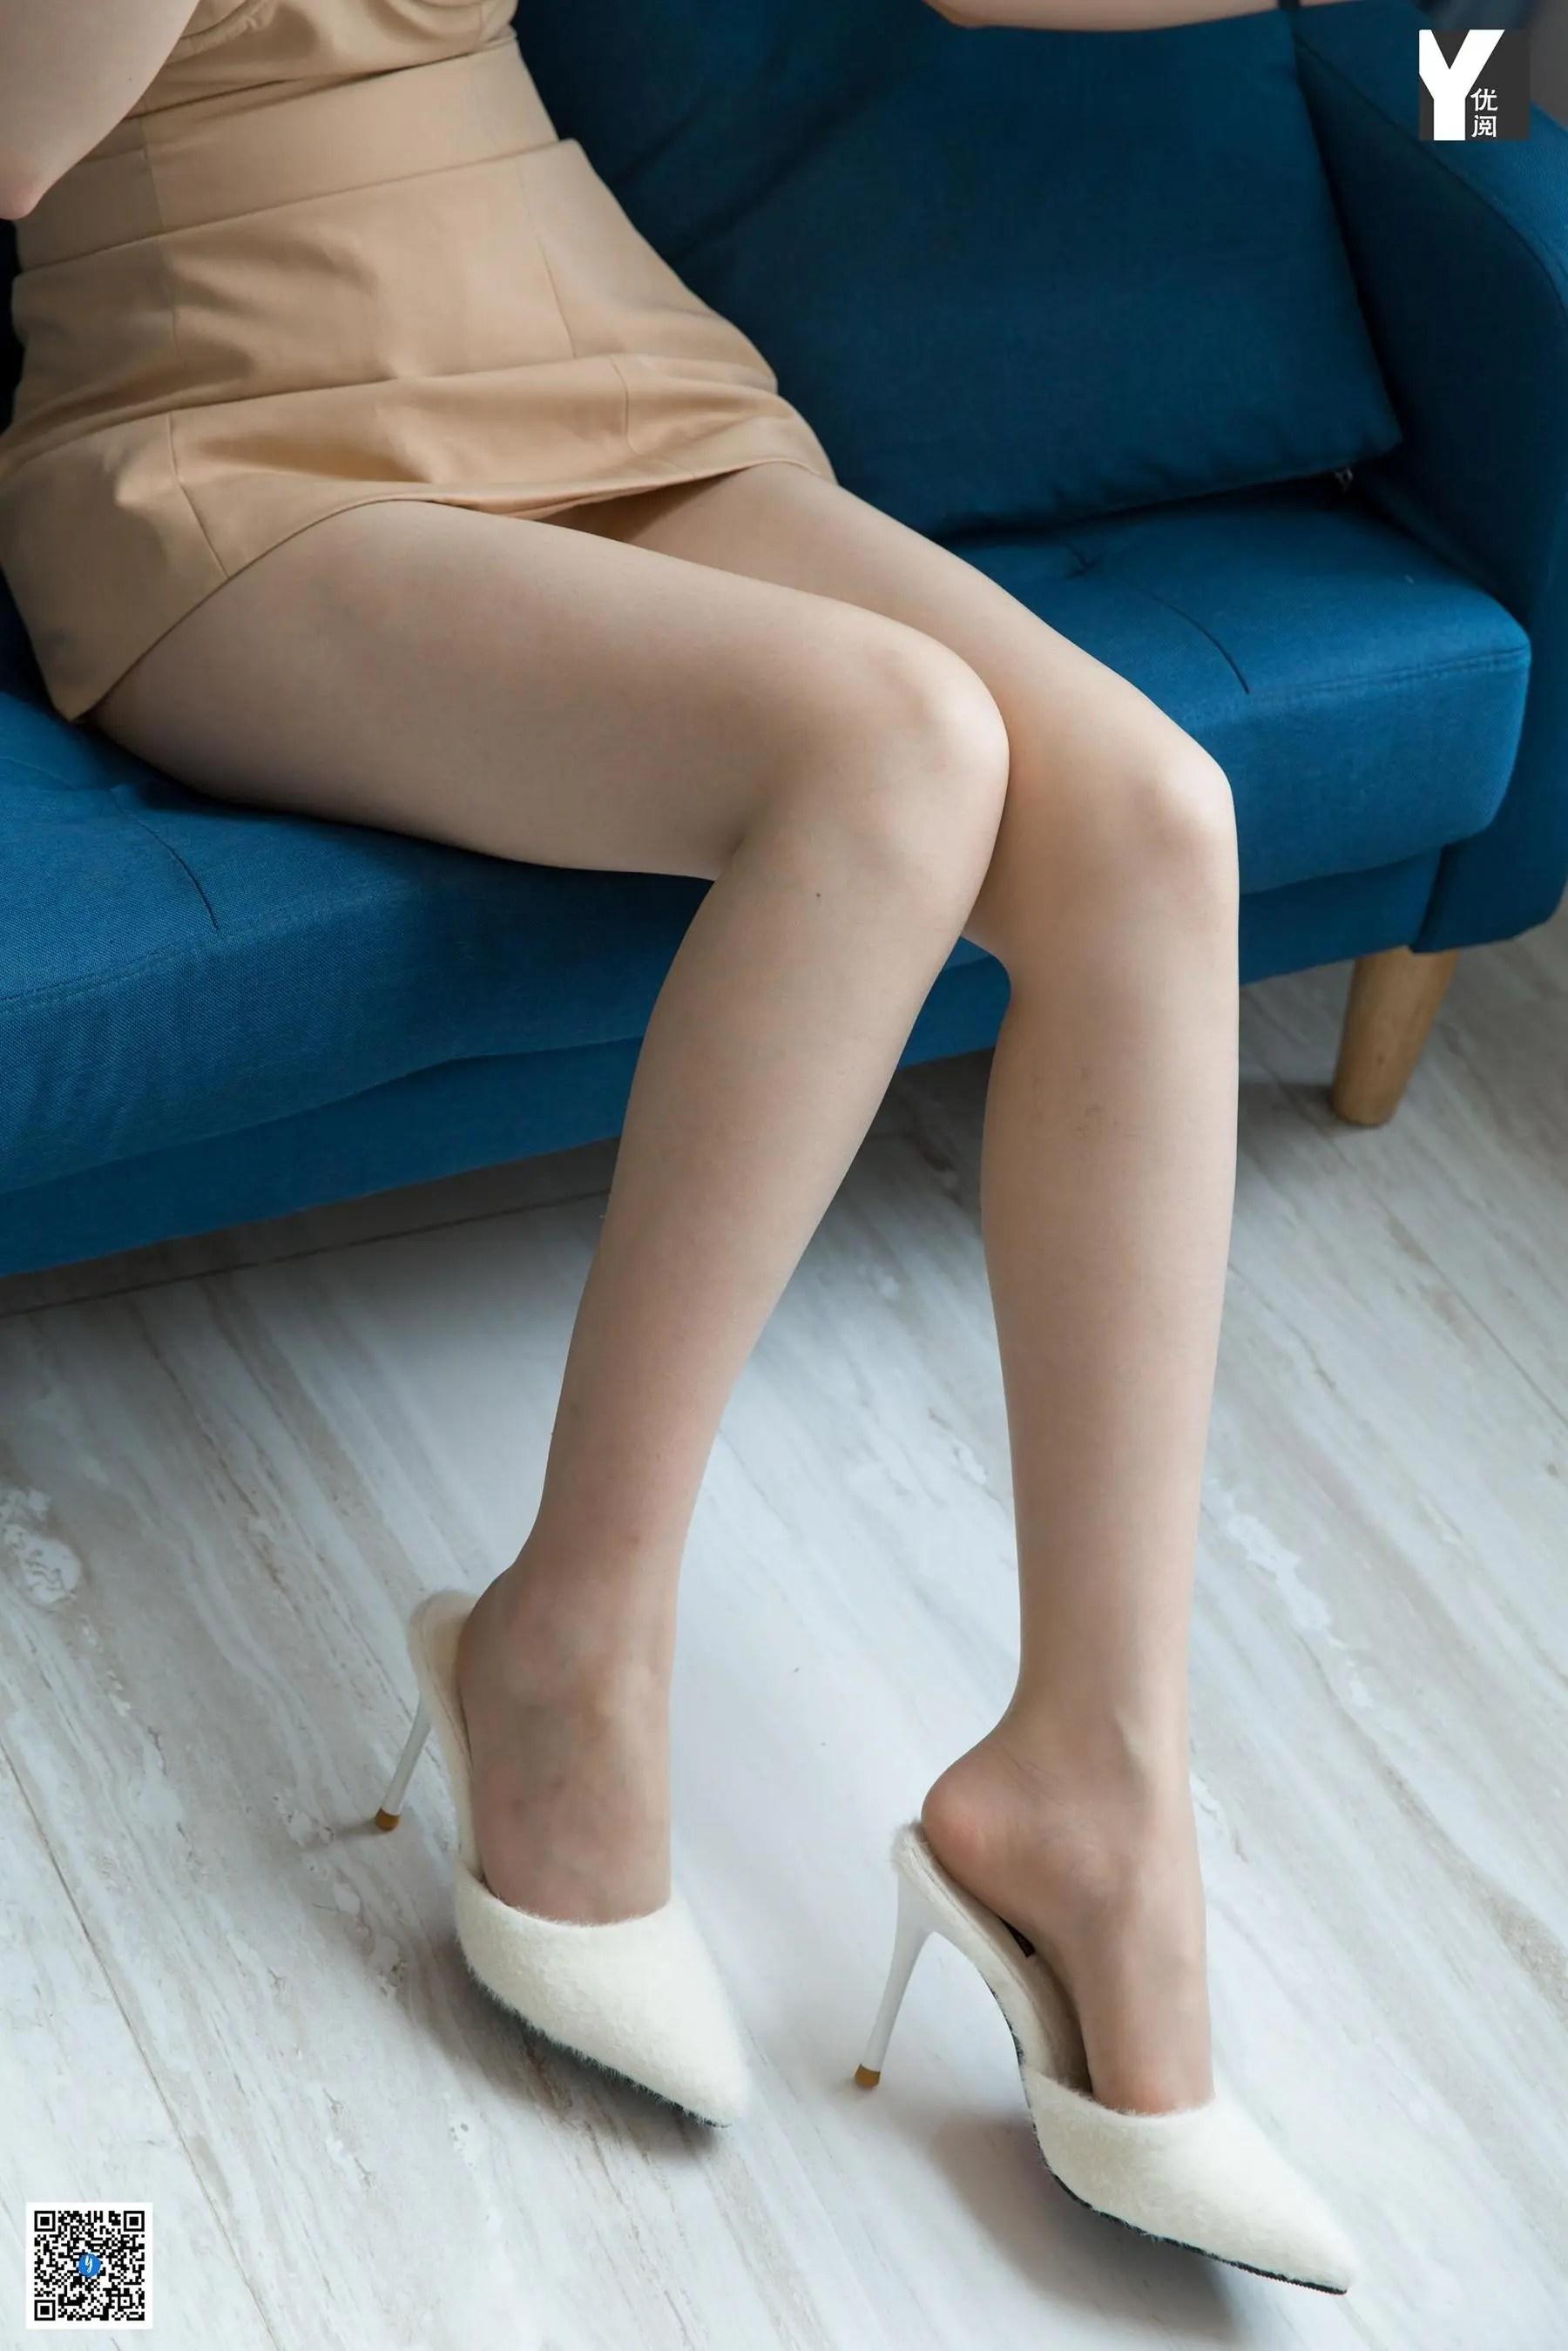 [IESS] 丝享家 764 喵姐《来一杯mojito》 丝袜美腿写真[90P]插图(11)